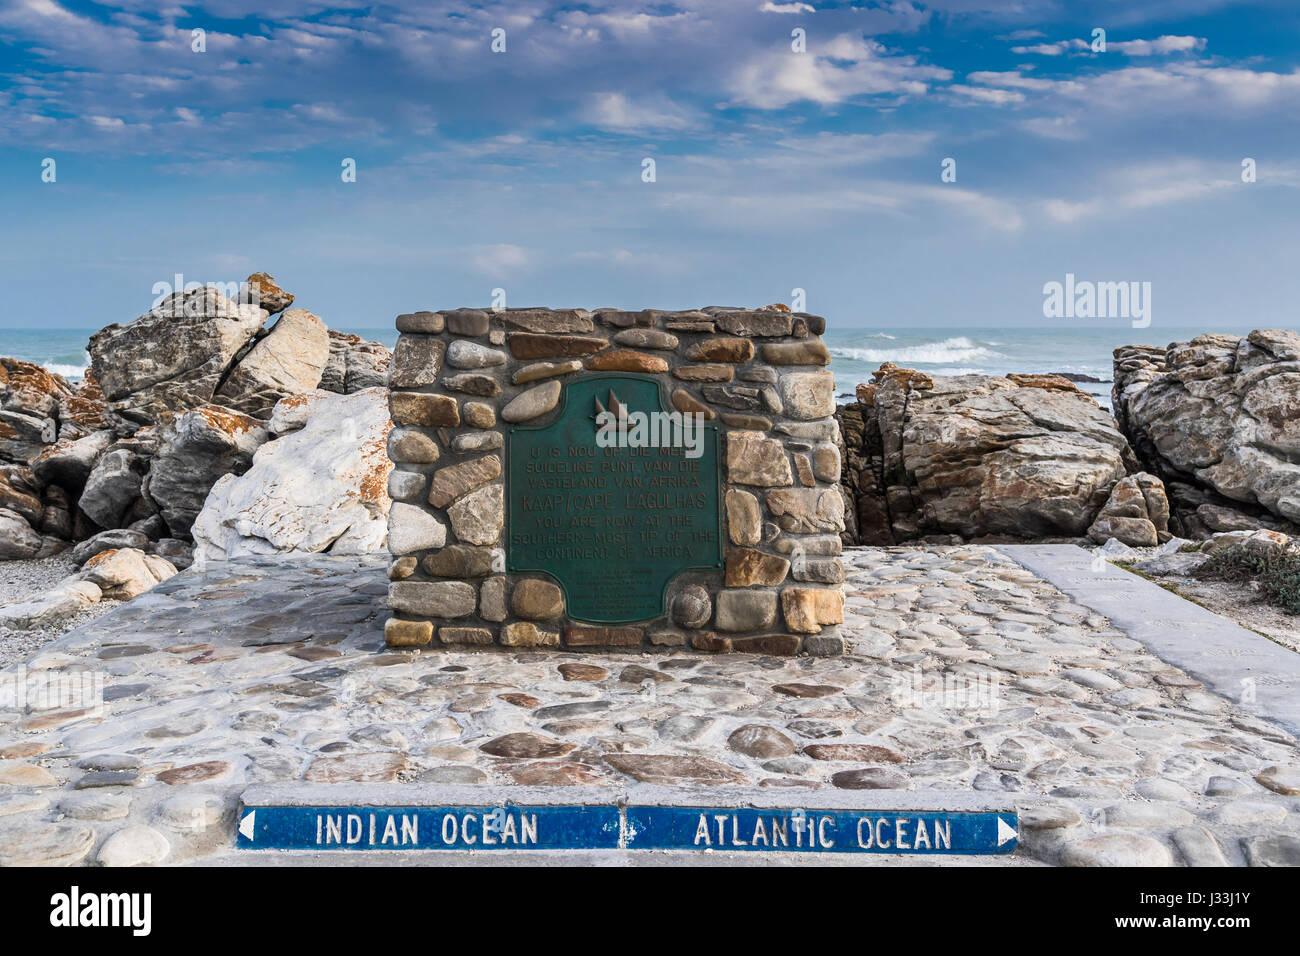 Landmarke, Südlichster Punkt von Afrika, Kap Agulhas, Westkap, Südafrika,   Wahrzeichen, Souther Zipfel Stockbild